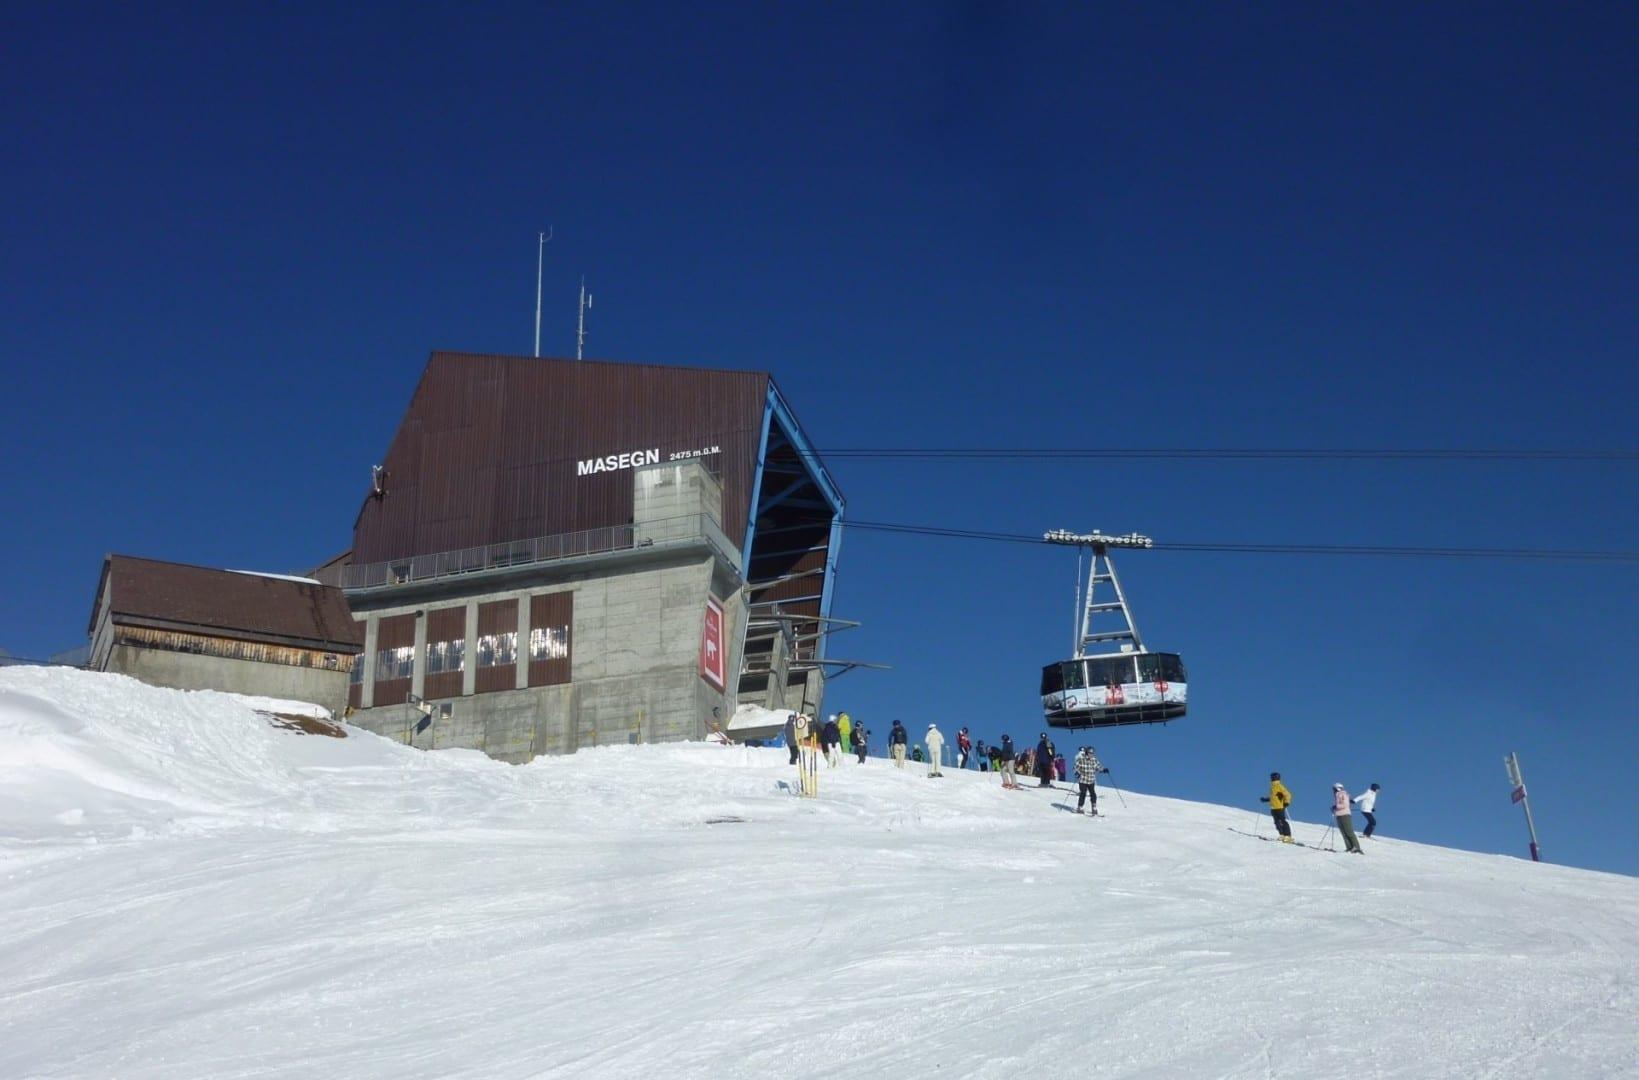 Mierda, la estación de teleférico de Masegn y los esquiadores Laax Suiza